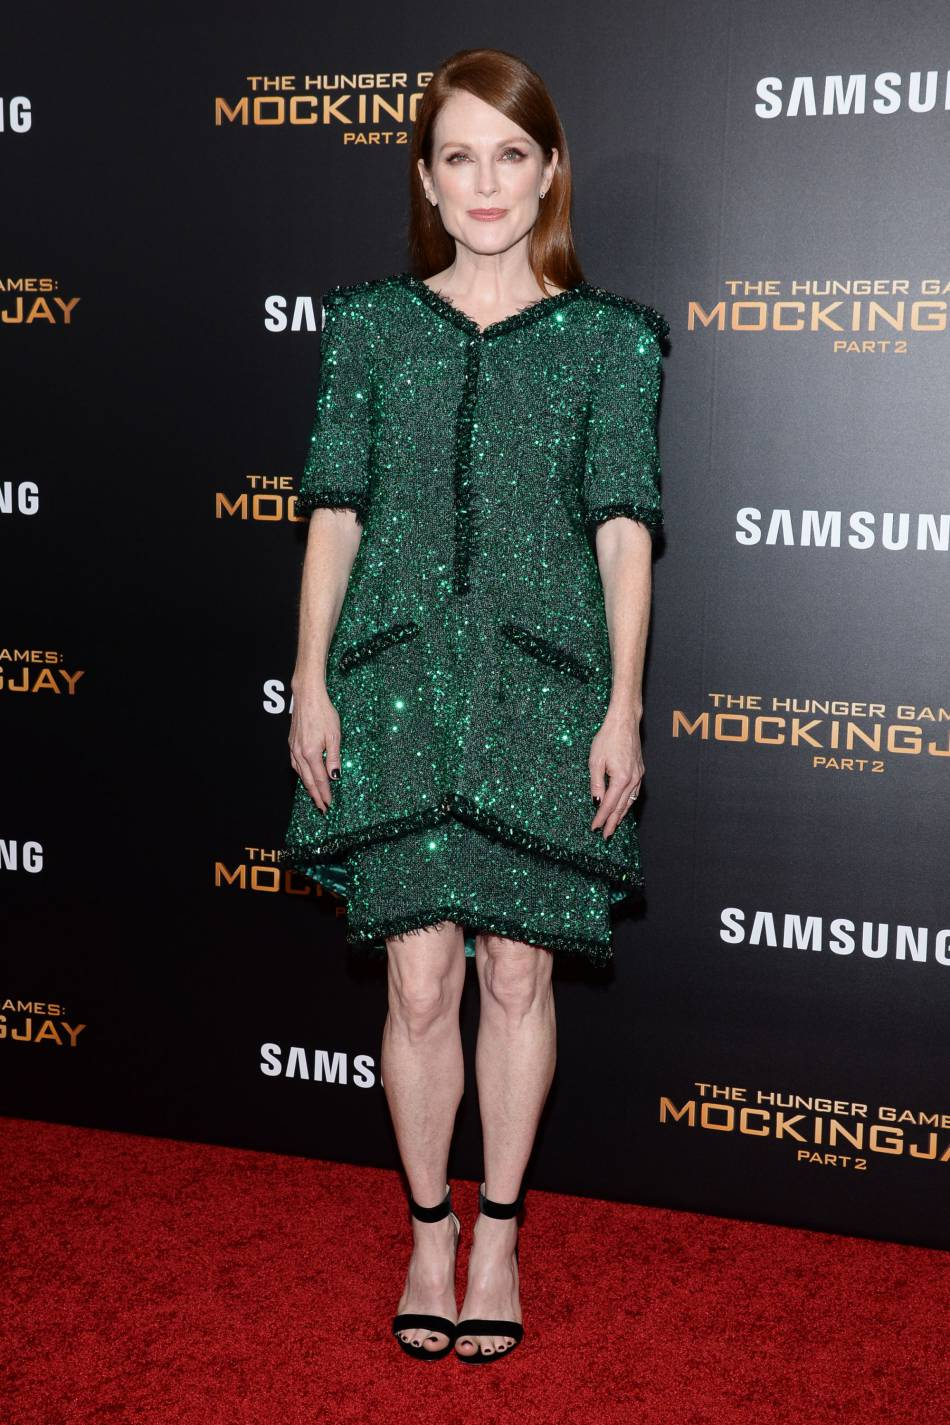 Julianne Moore, complètement sublime dans cette robe verte sur le red carpet.